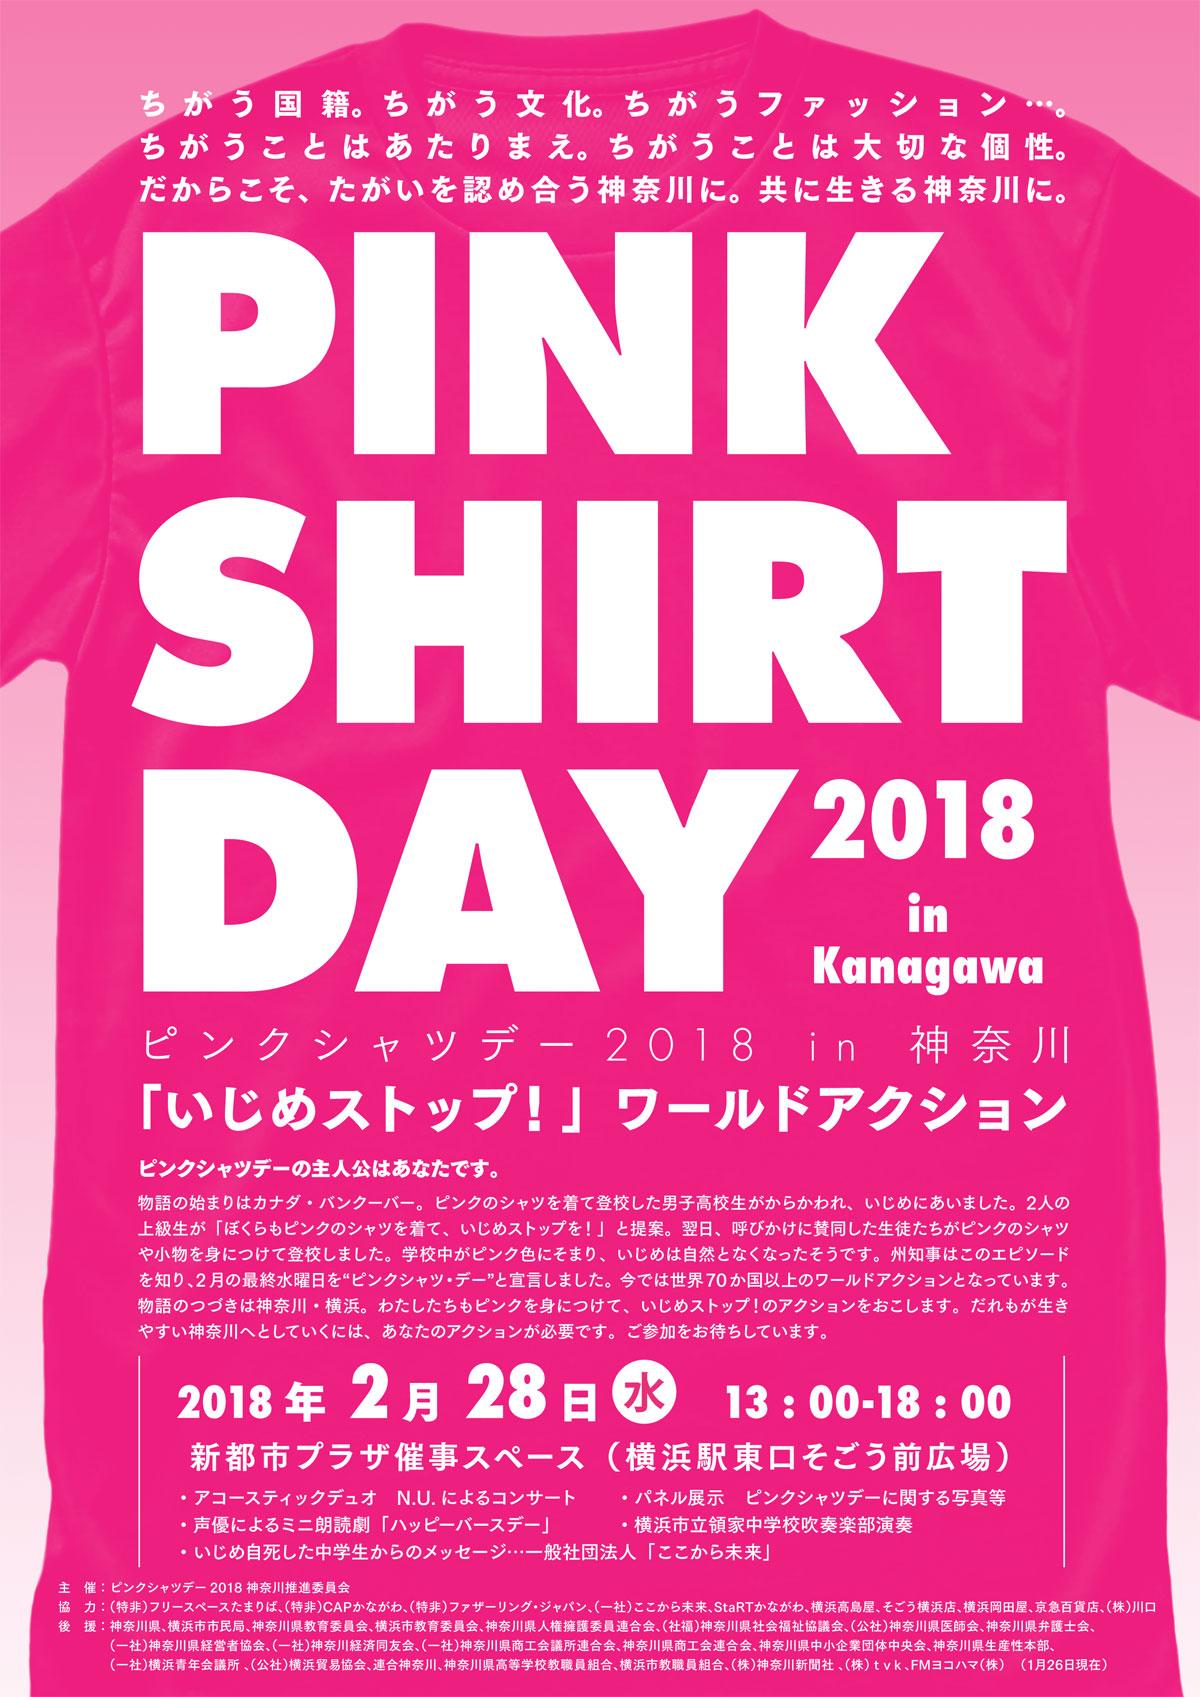 2月28日ピンクシャツデー 2018 in 神奈川